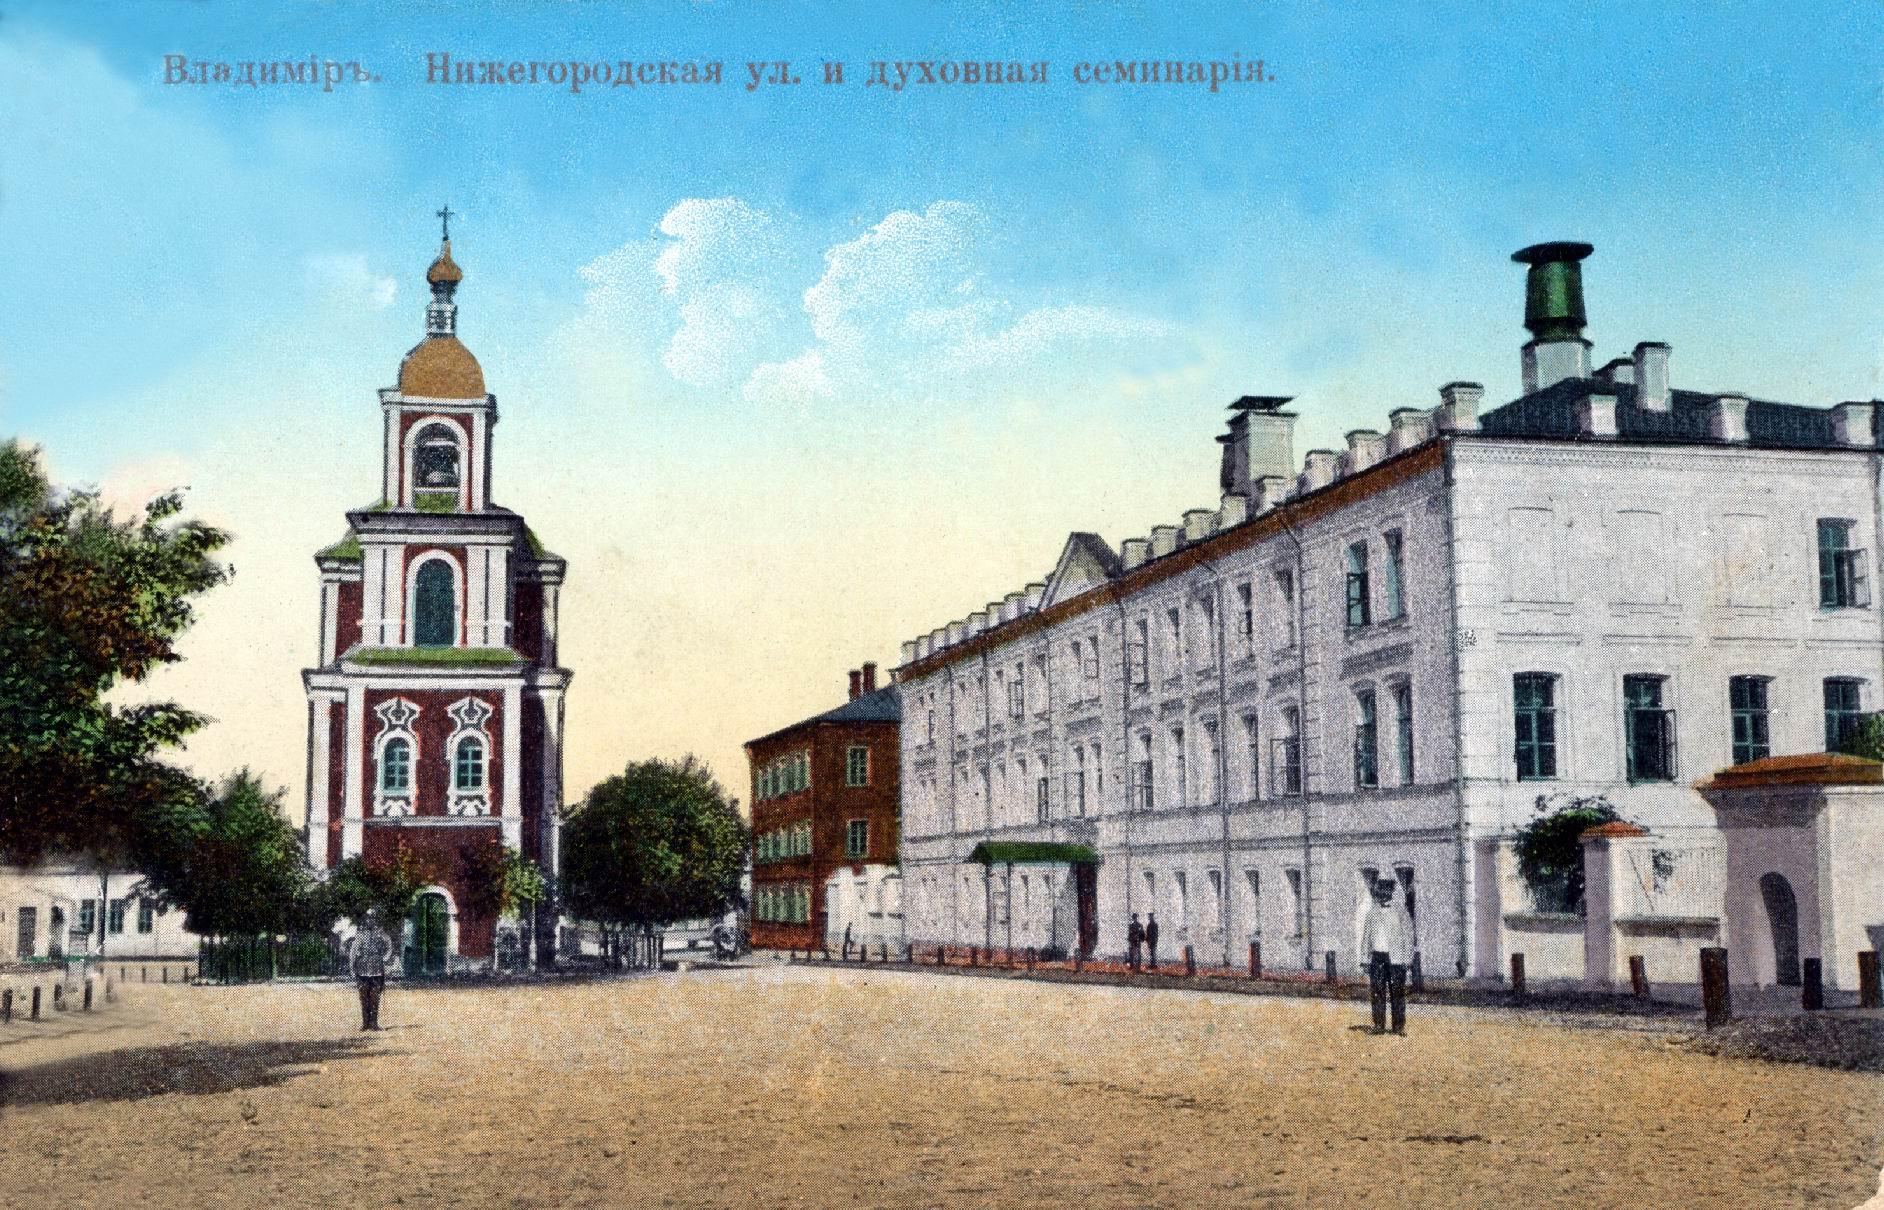 Нижегородская улица и Духовная семинария